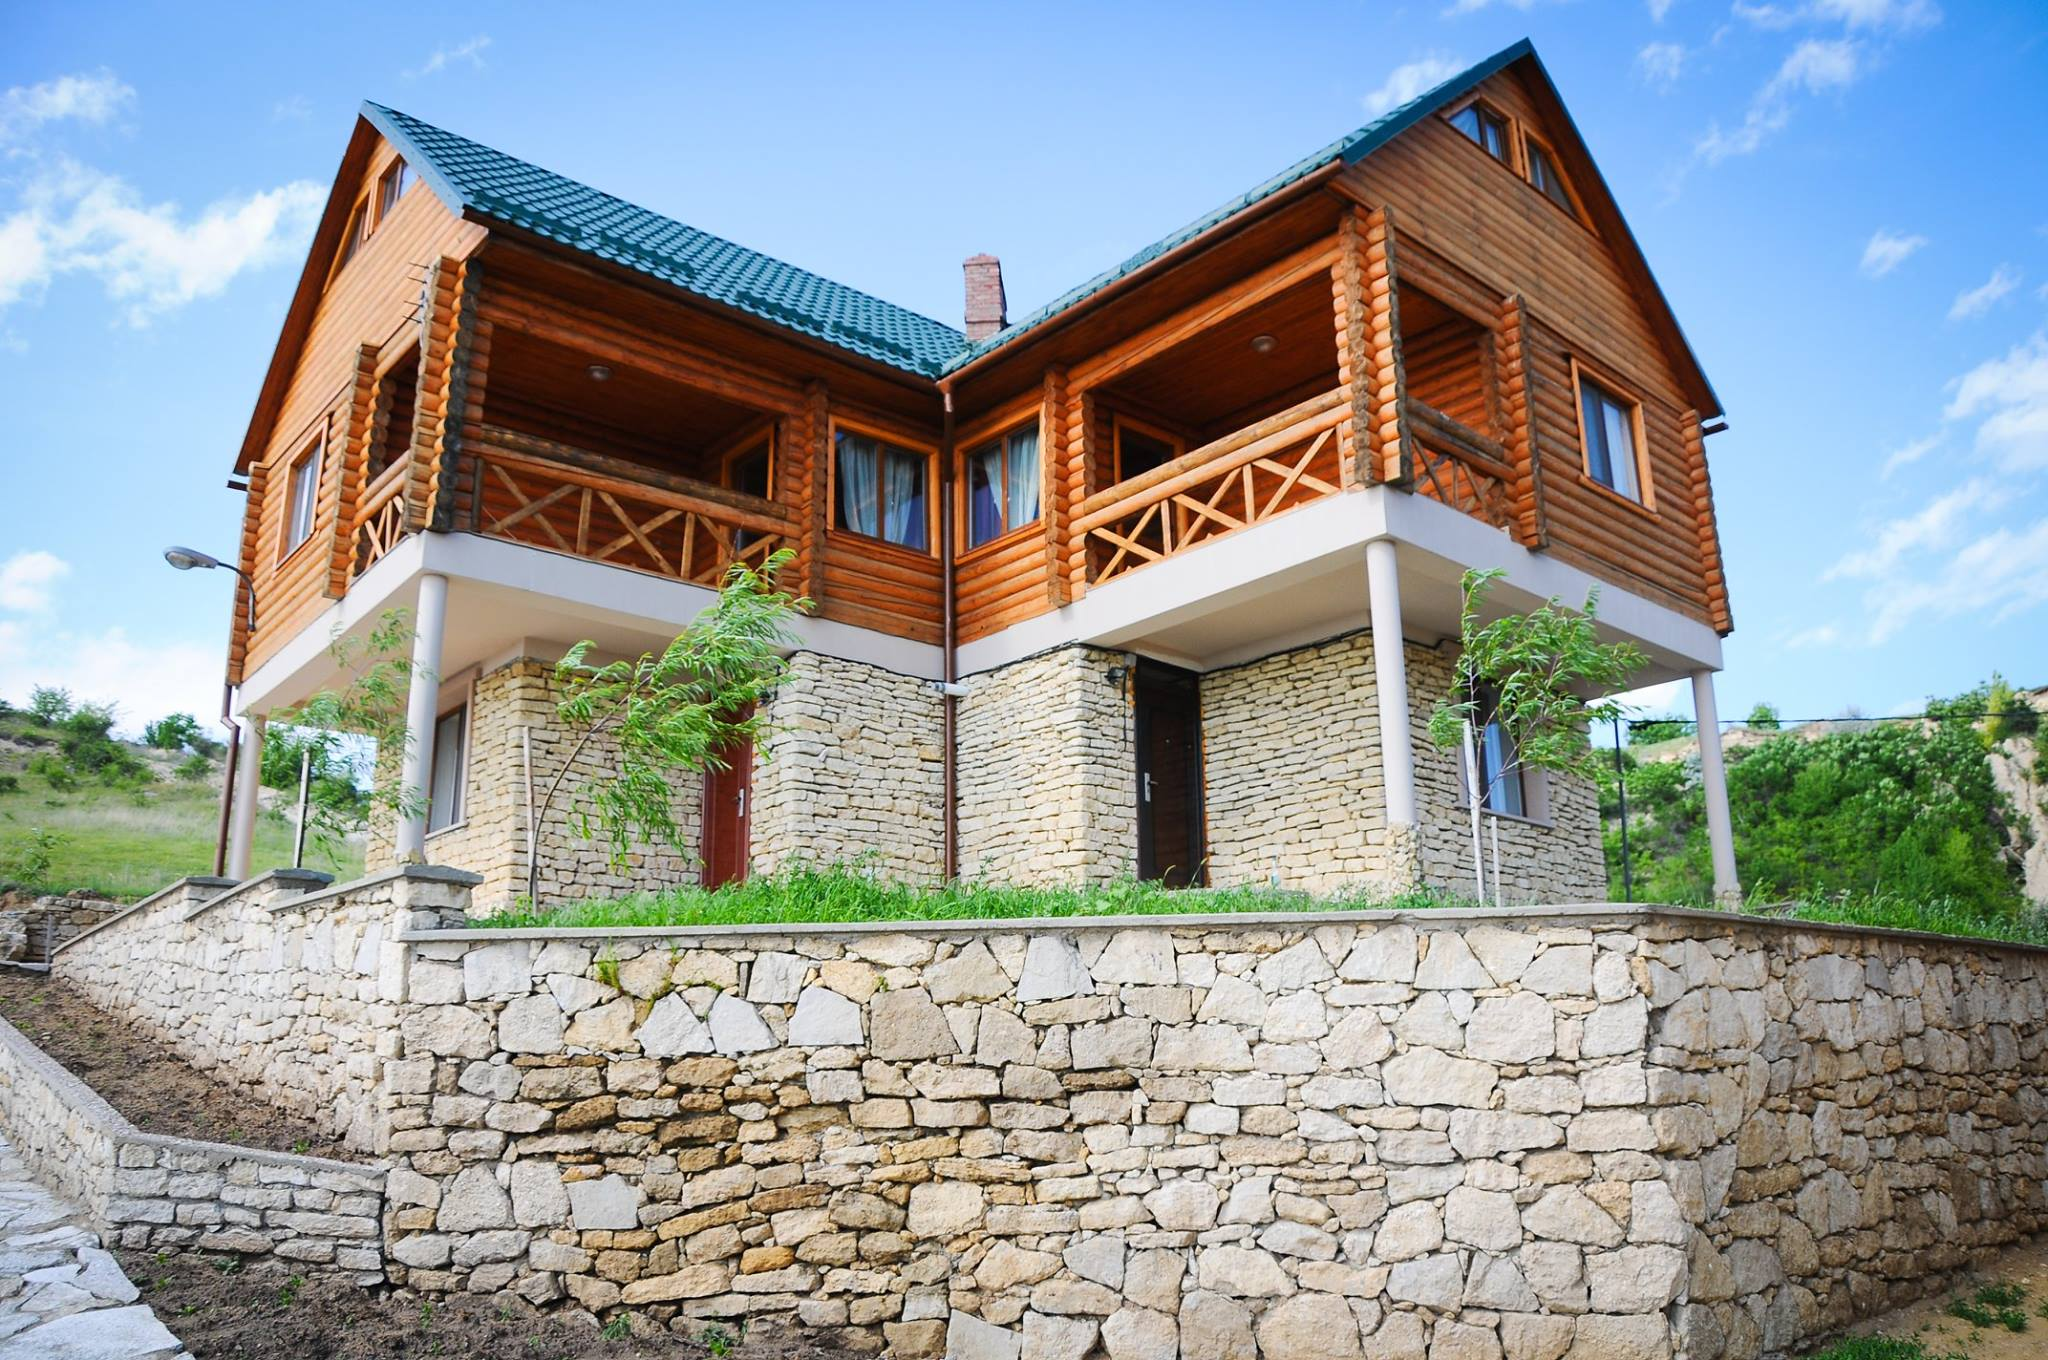 16 заведений, где можно вкусно поесть во время путешествия по Молдове